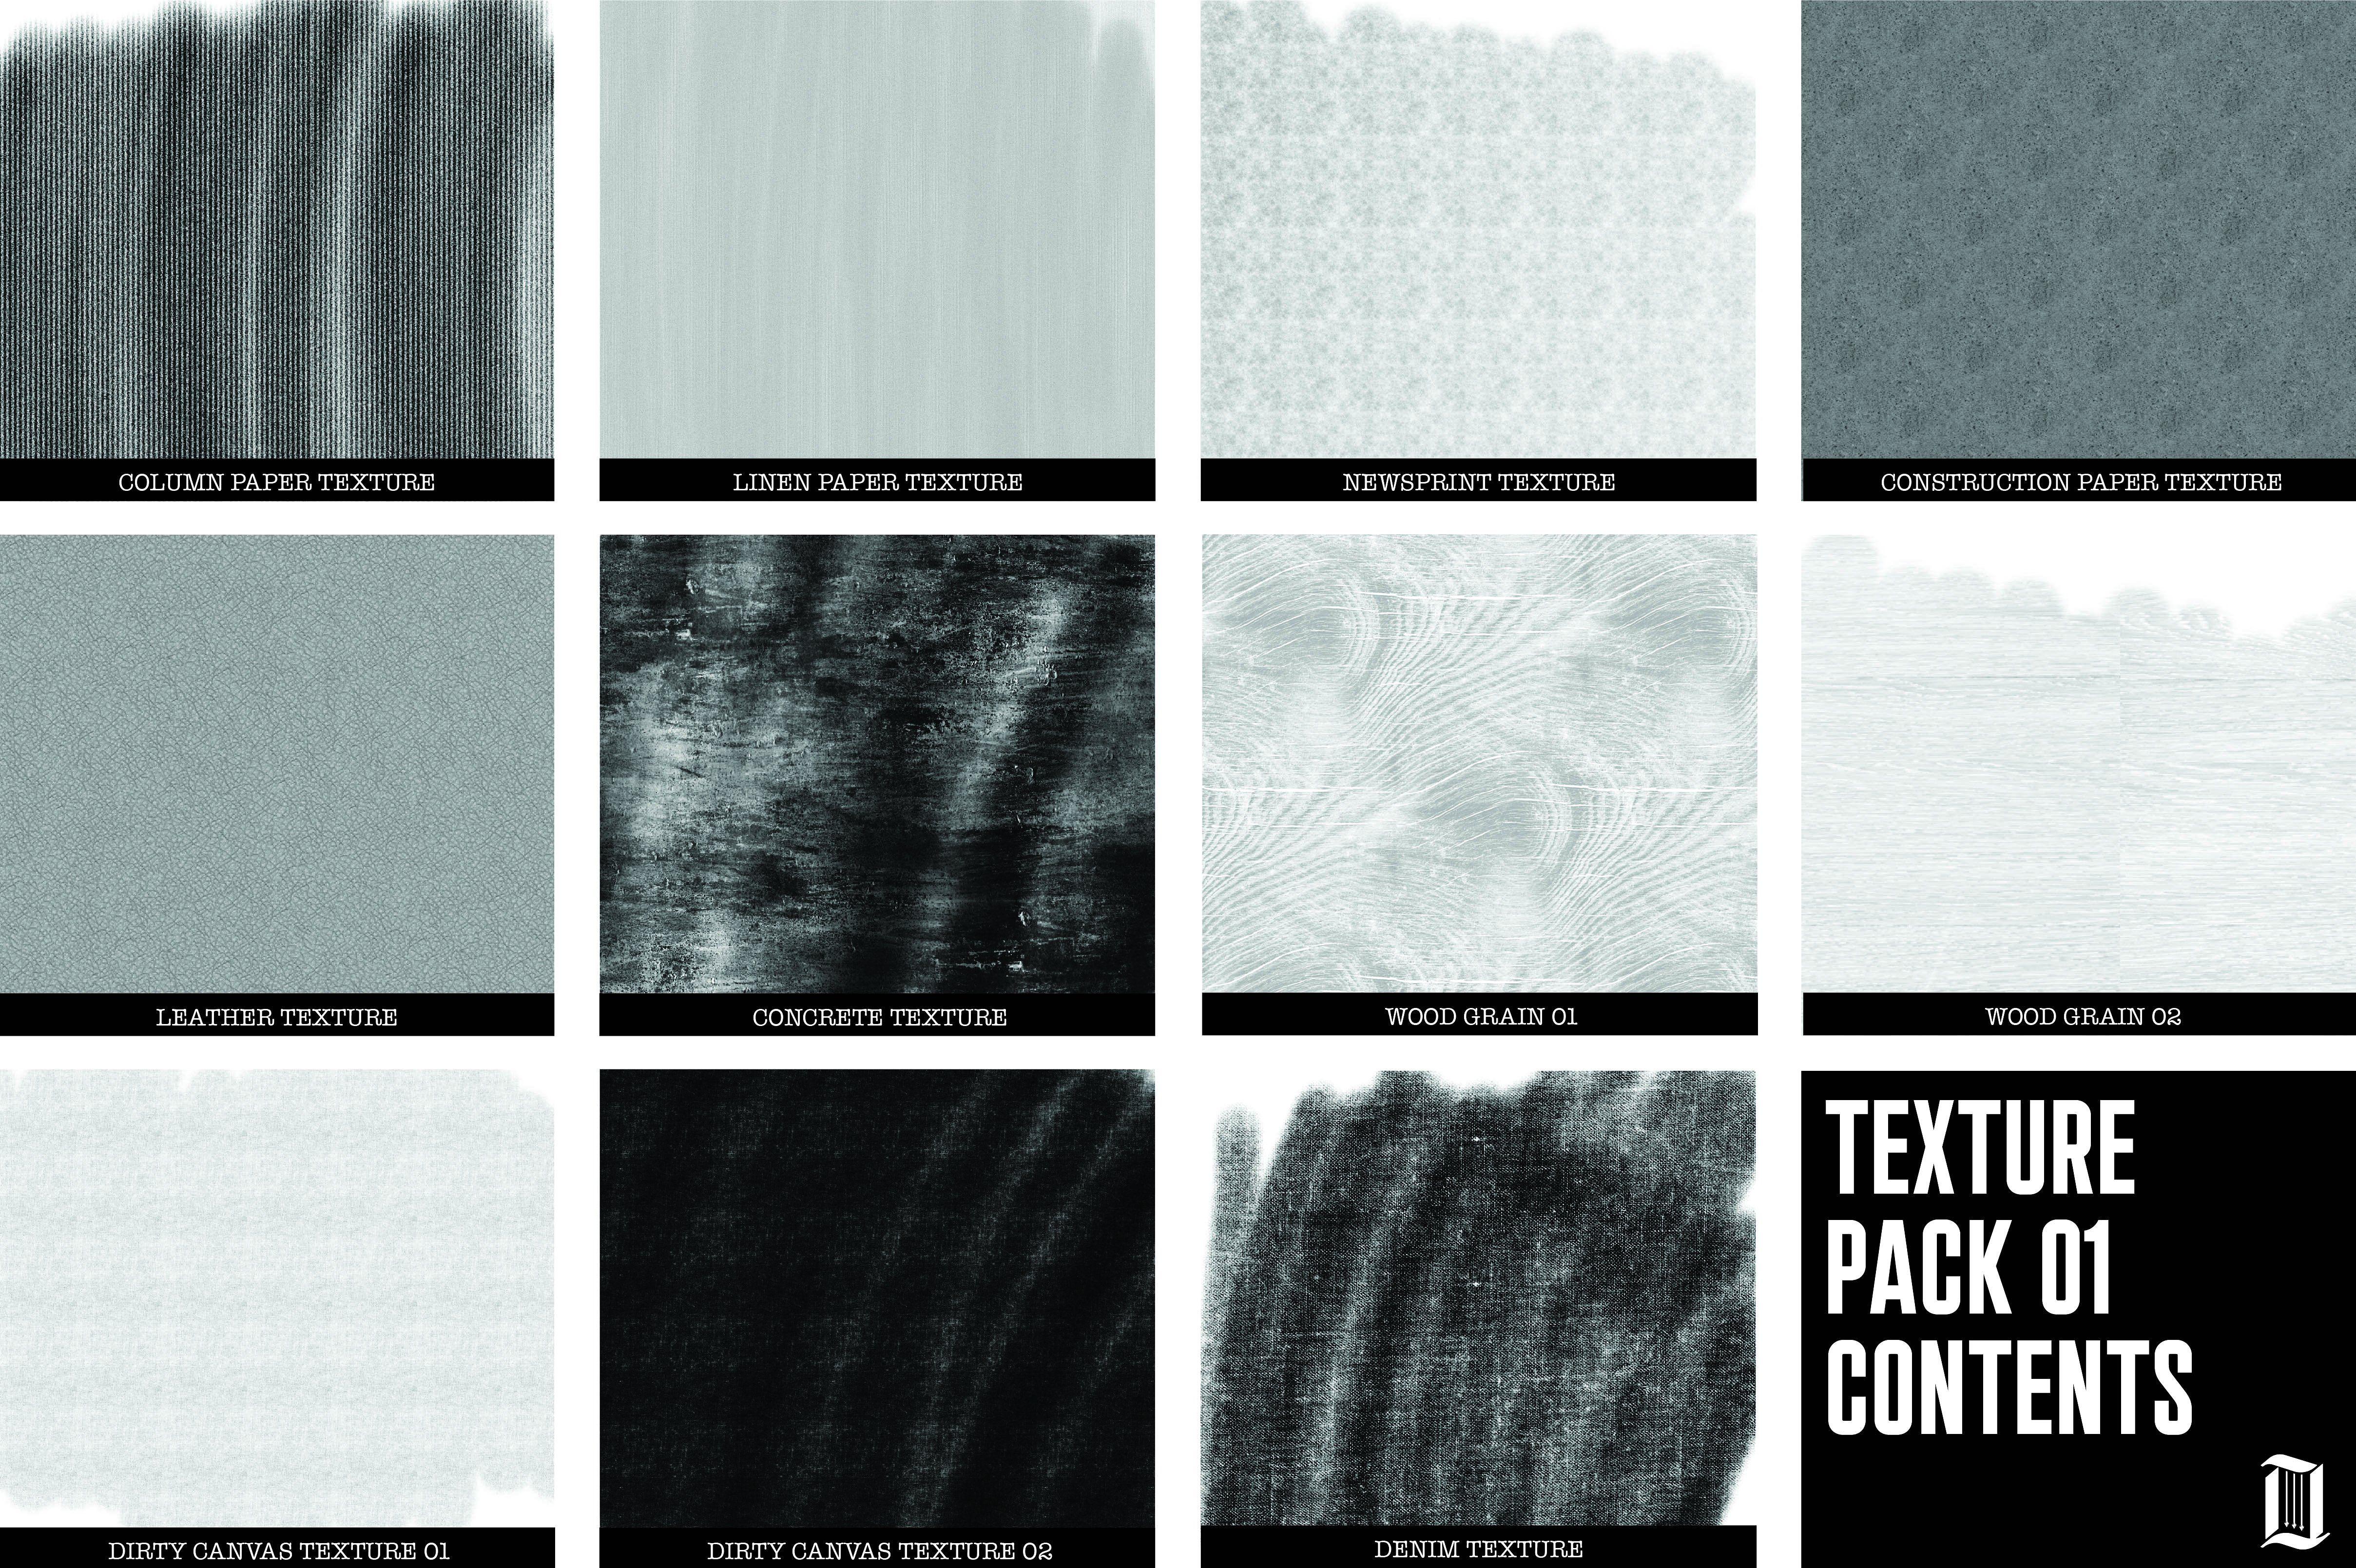 Procreate Texture Brush Pack 01 Canvas Texture Concrete Texture